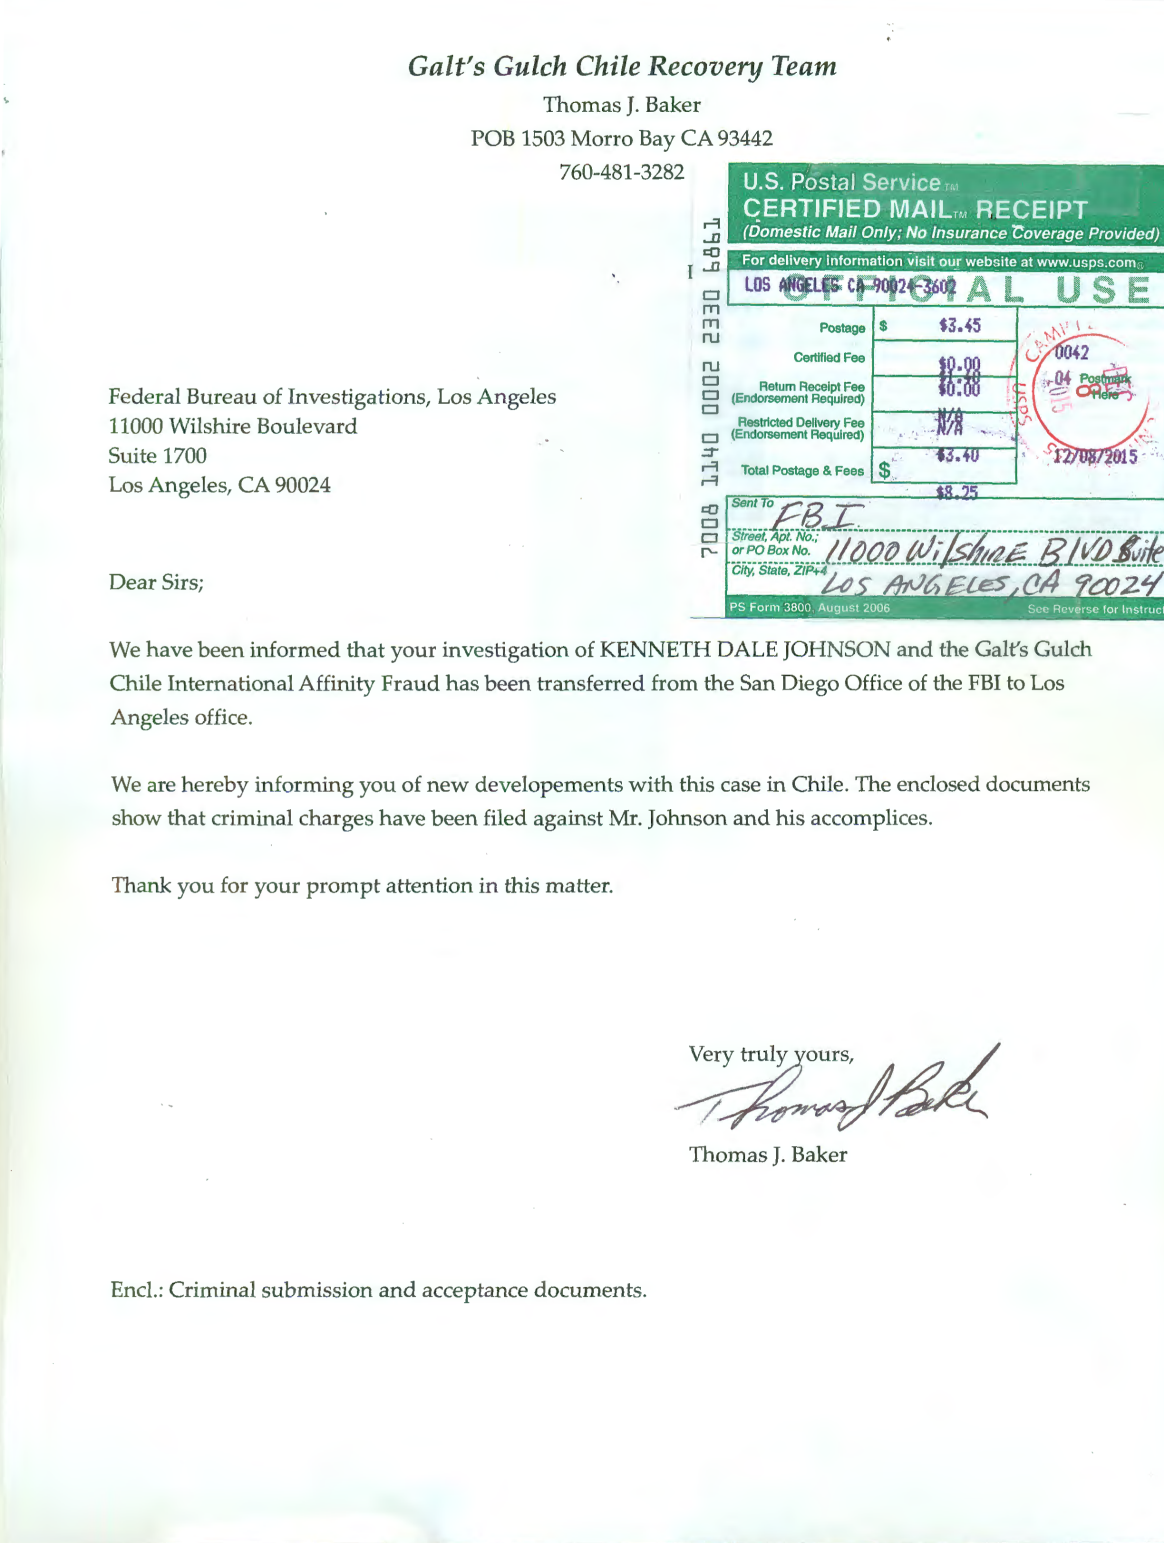 cover letter for fbi application